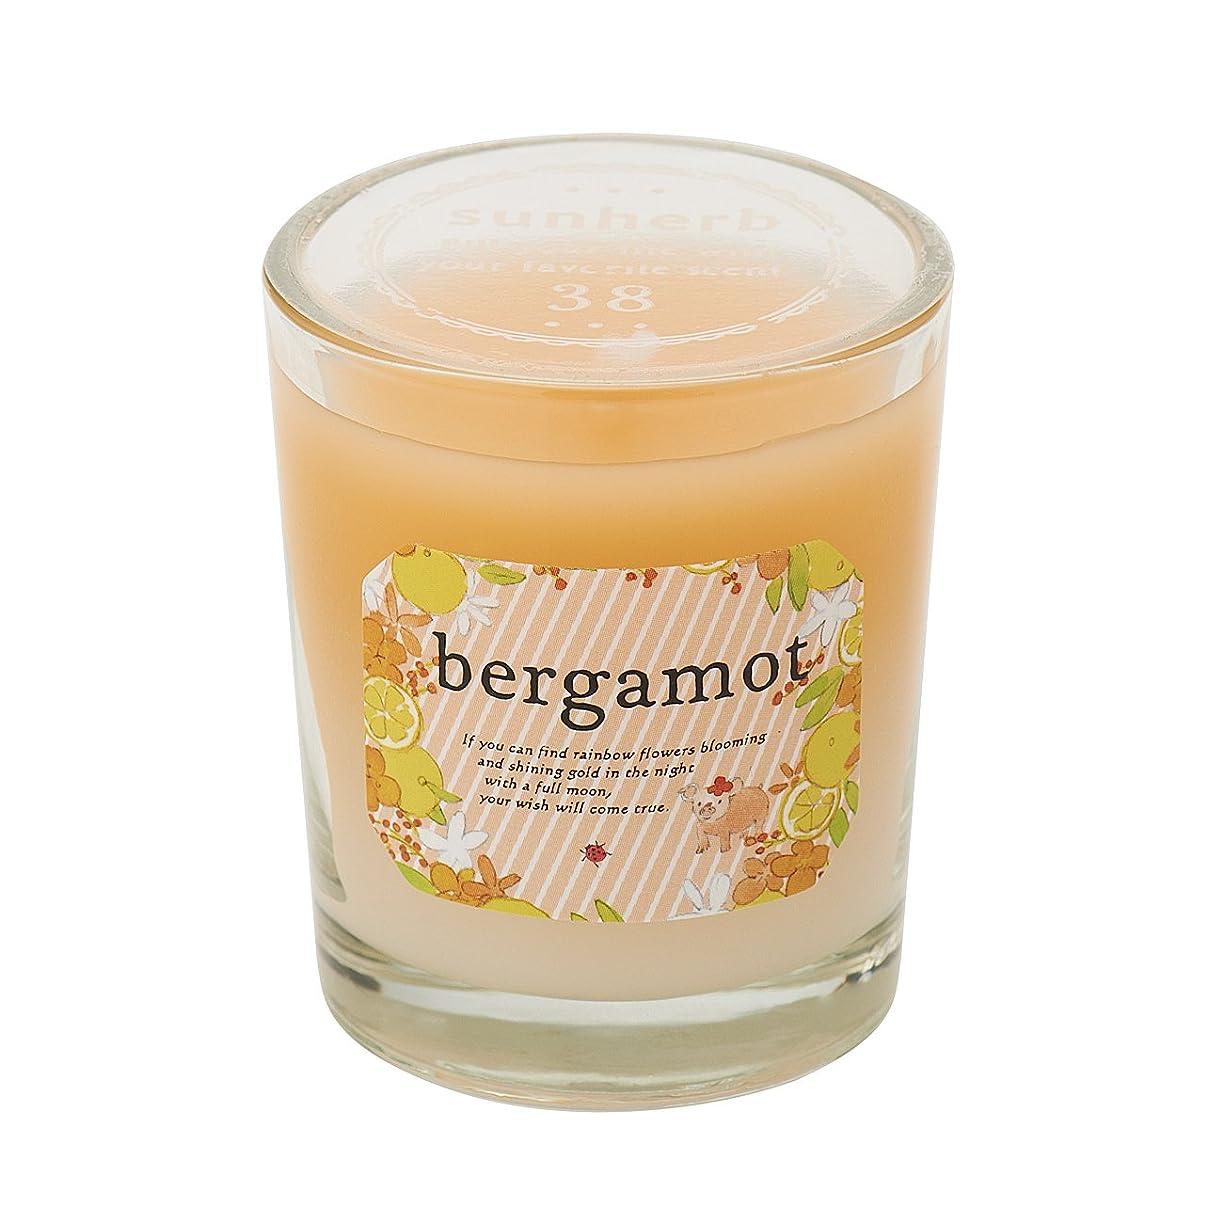 とげのある変わるスムーズにサンハーブ グラスキャンドル ベルガモット 35g(グラデーションろうそく 燃焼時間約10時間 懐かしい甘酸っぱい香り)